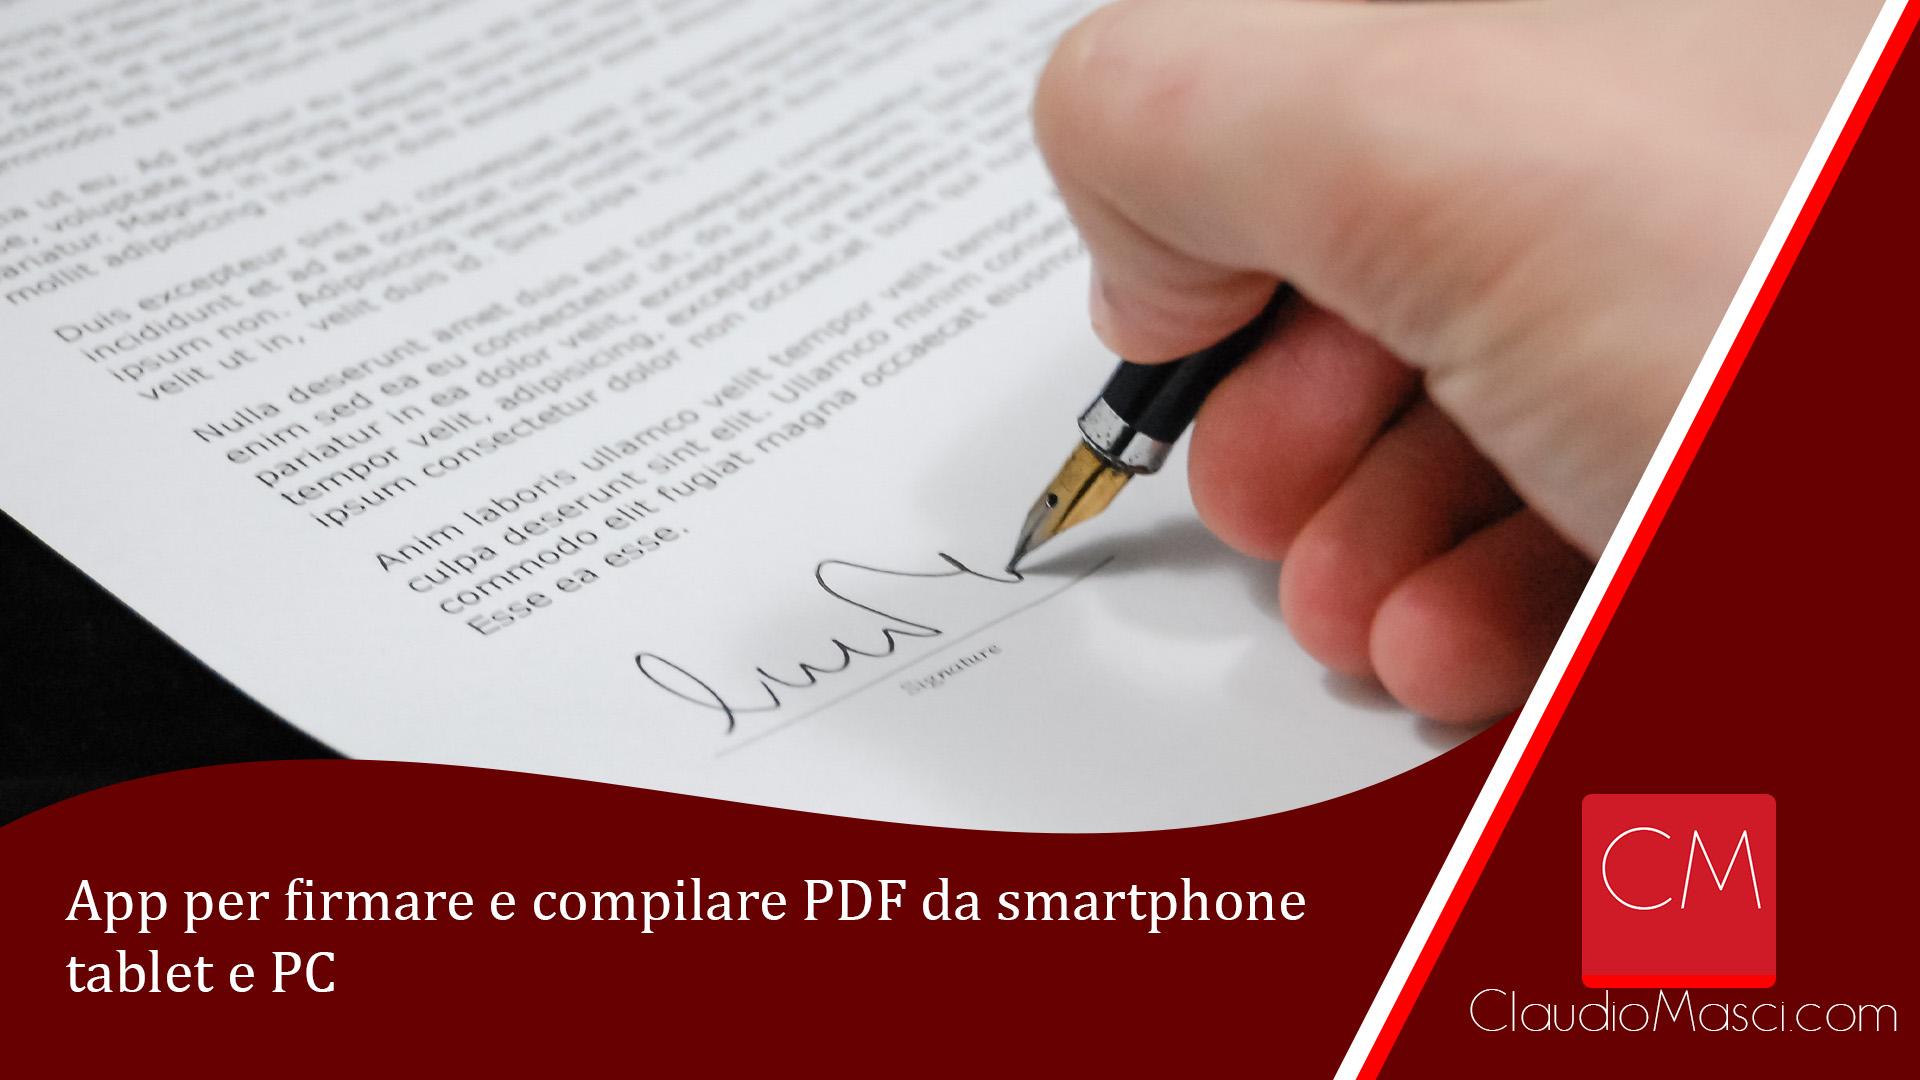 App per firmare e compilare PDF da smartphone tablet e PC